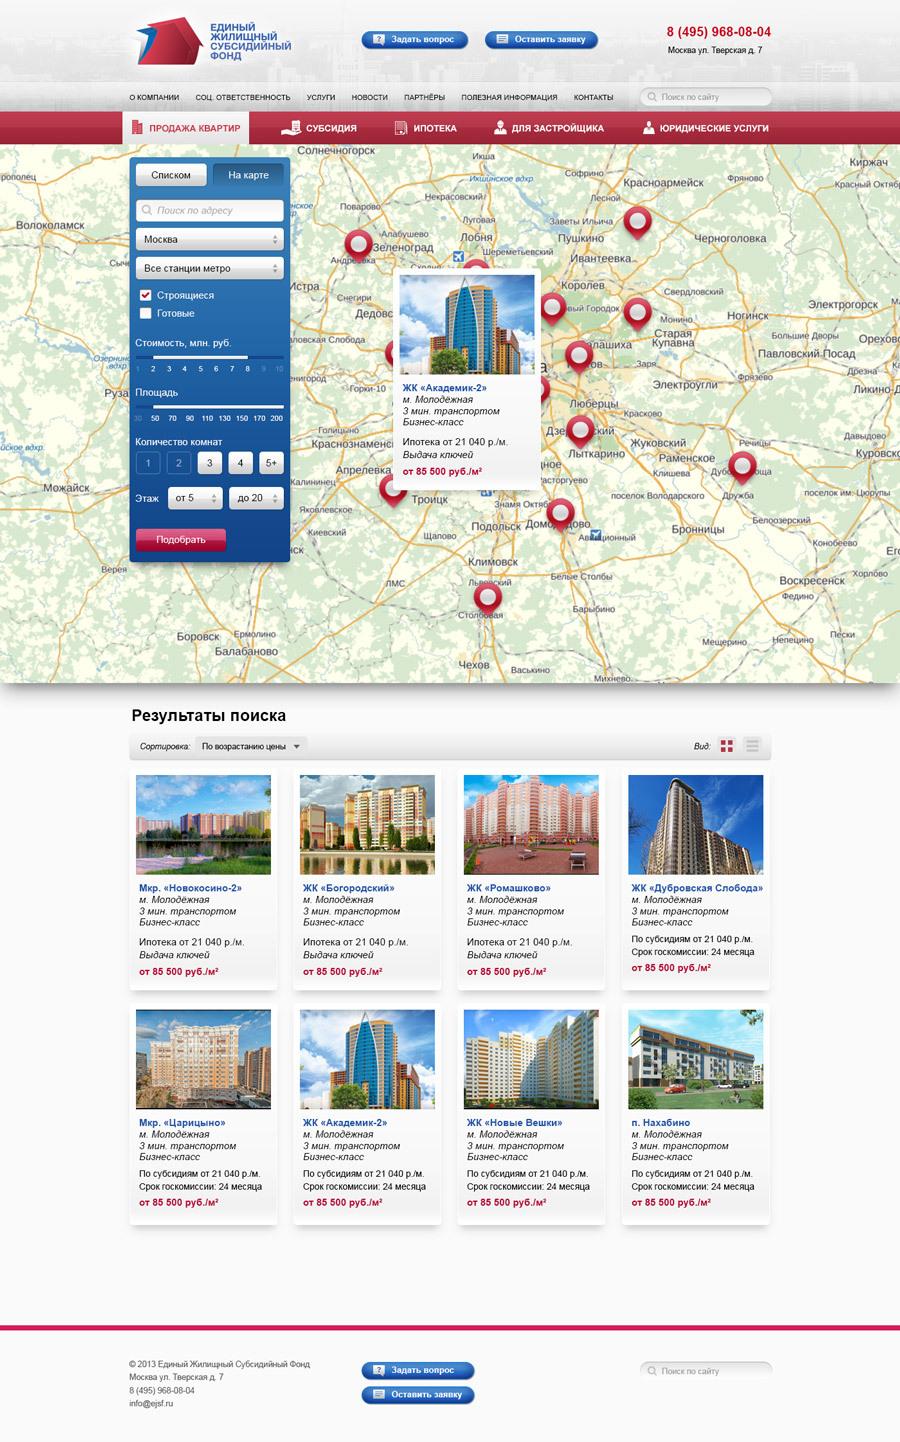 Доступные объекты можно посмотреть на карте